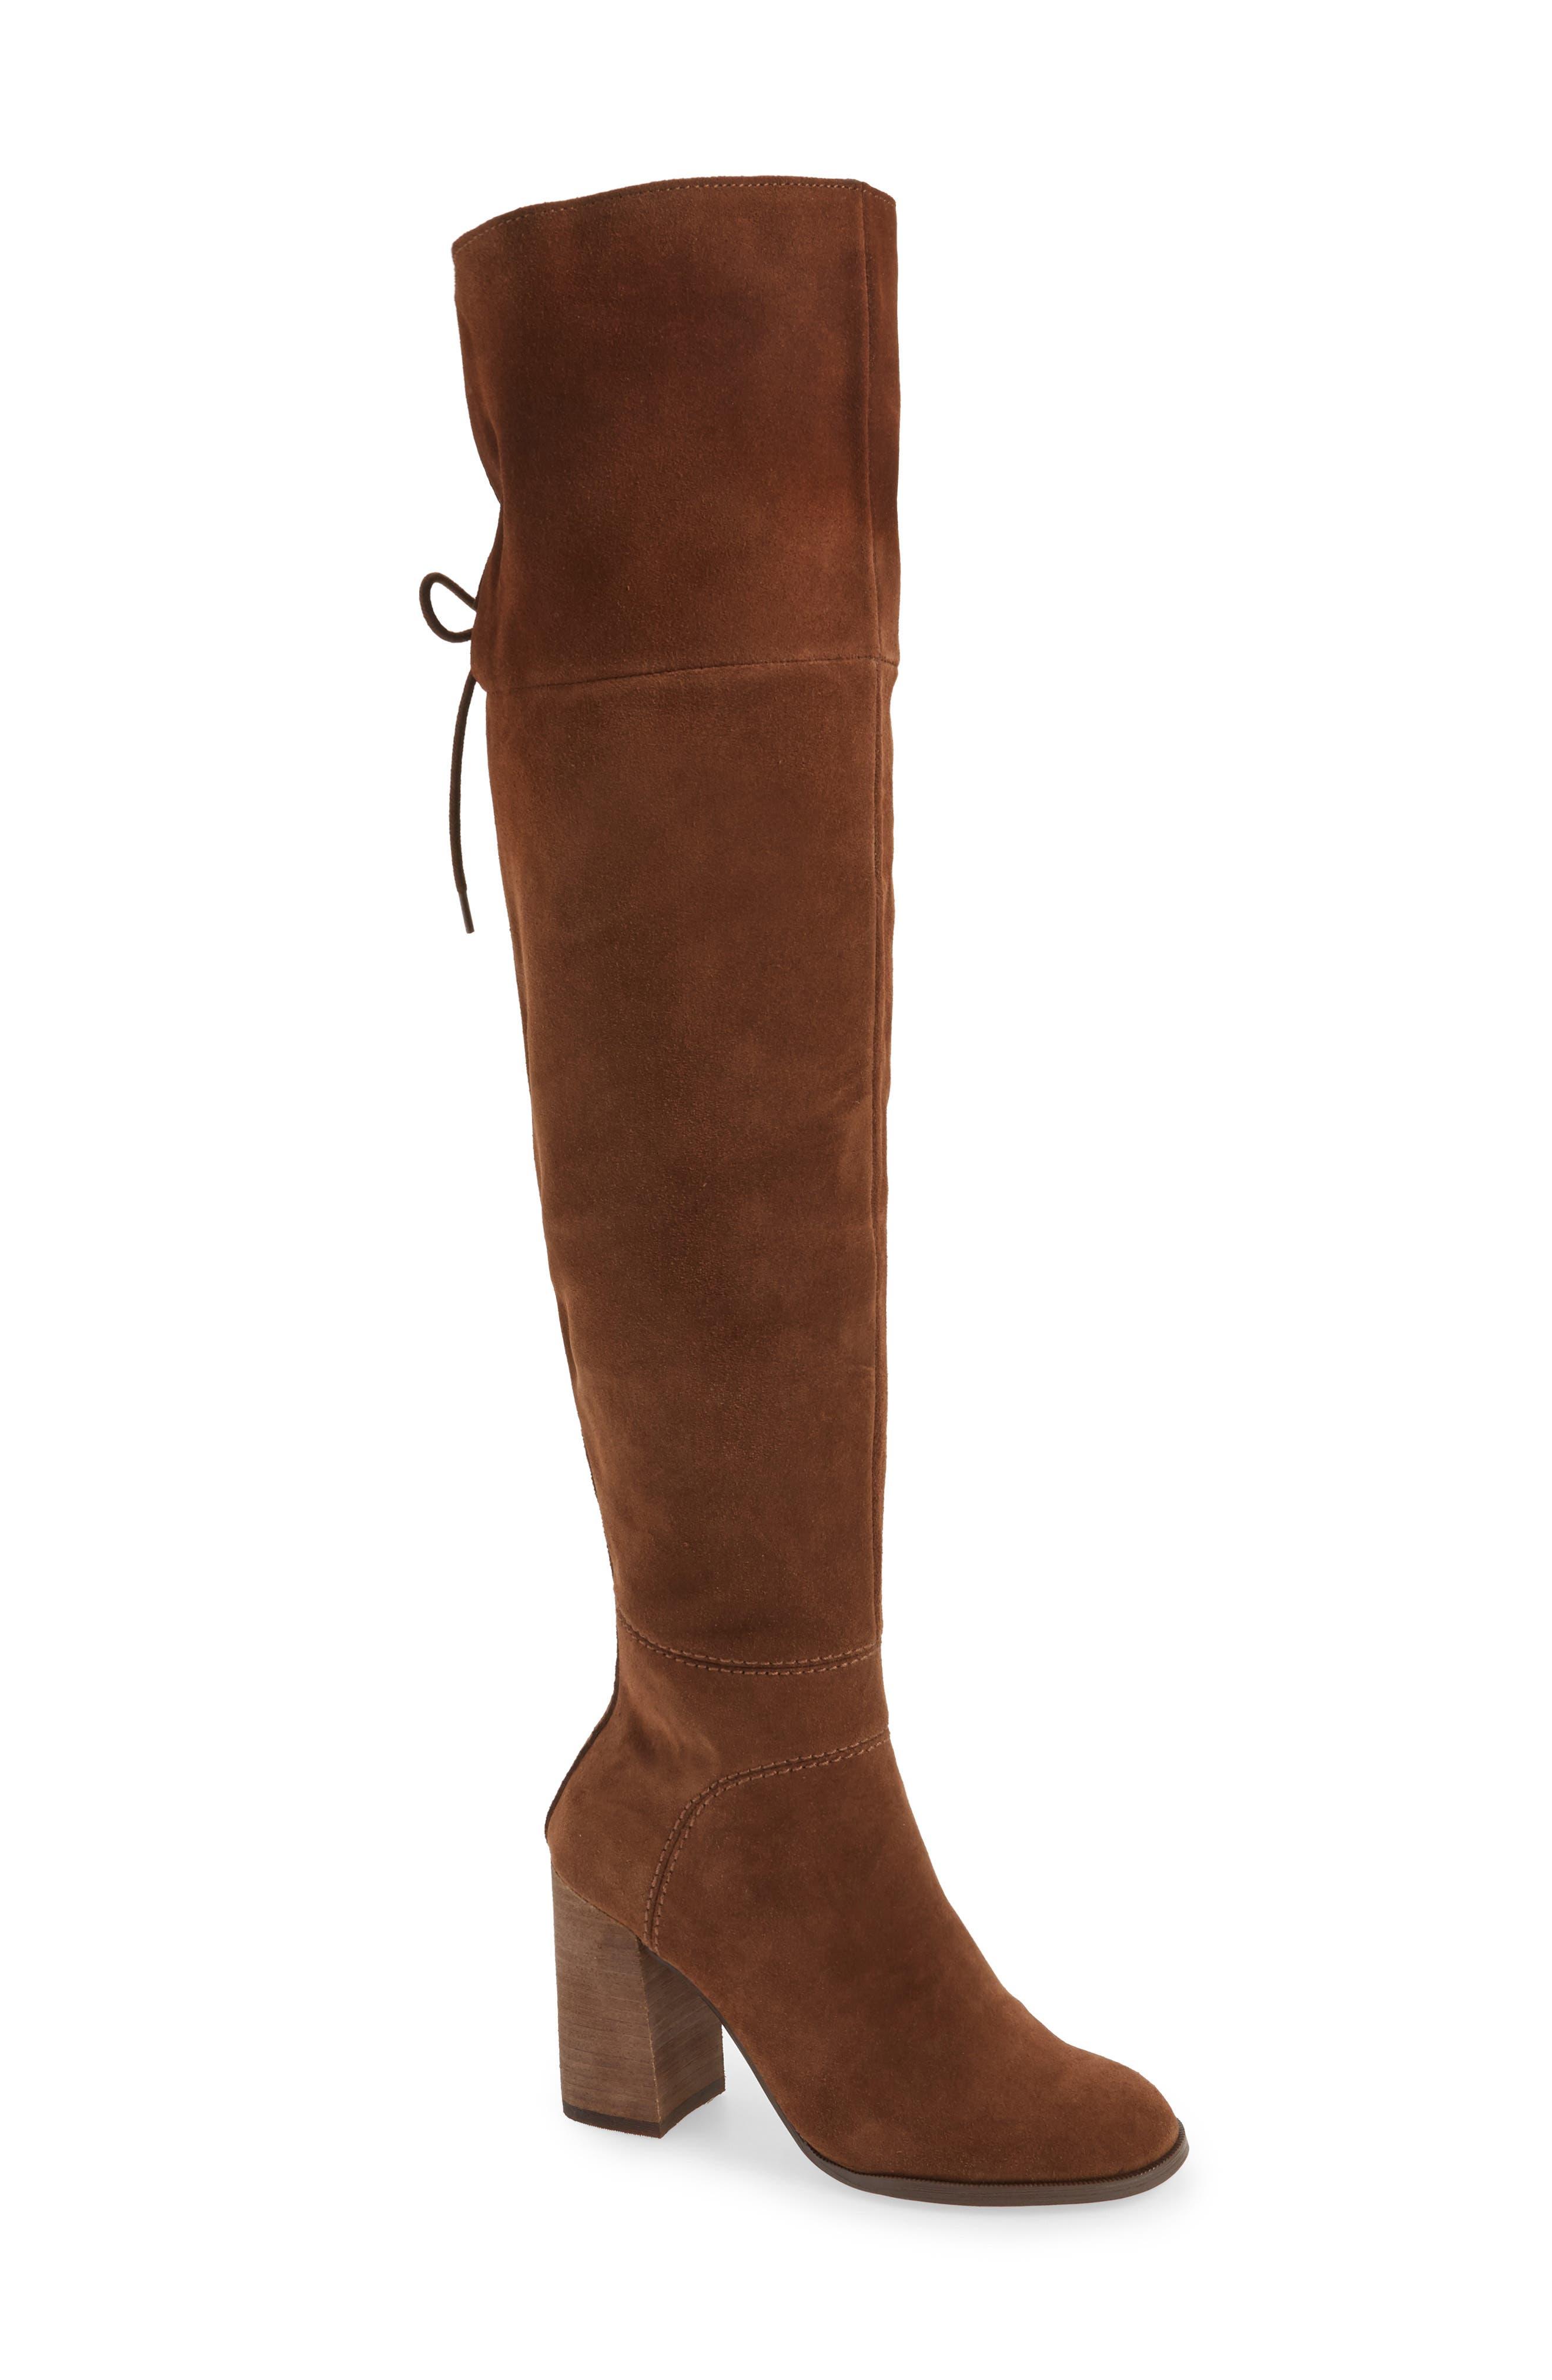 Alternate Image 1 Selected - Steve Madden Novela Cuffable Over the Knee Boot (Women)